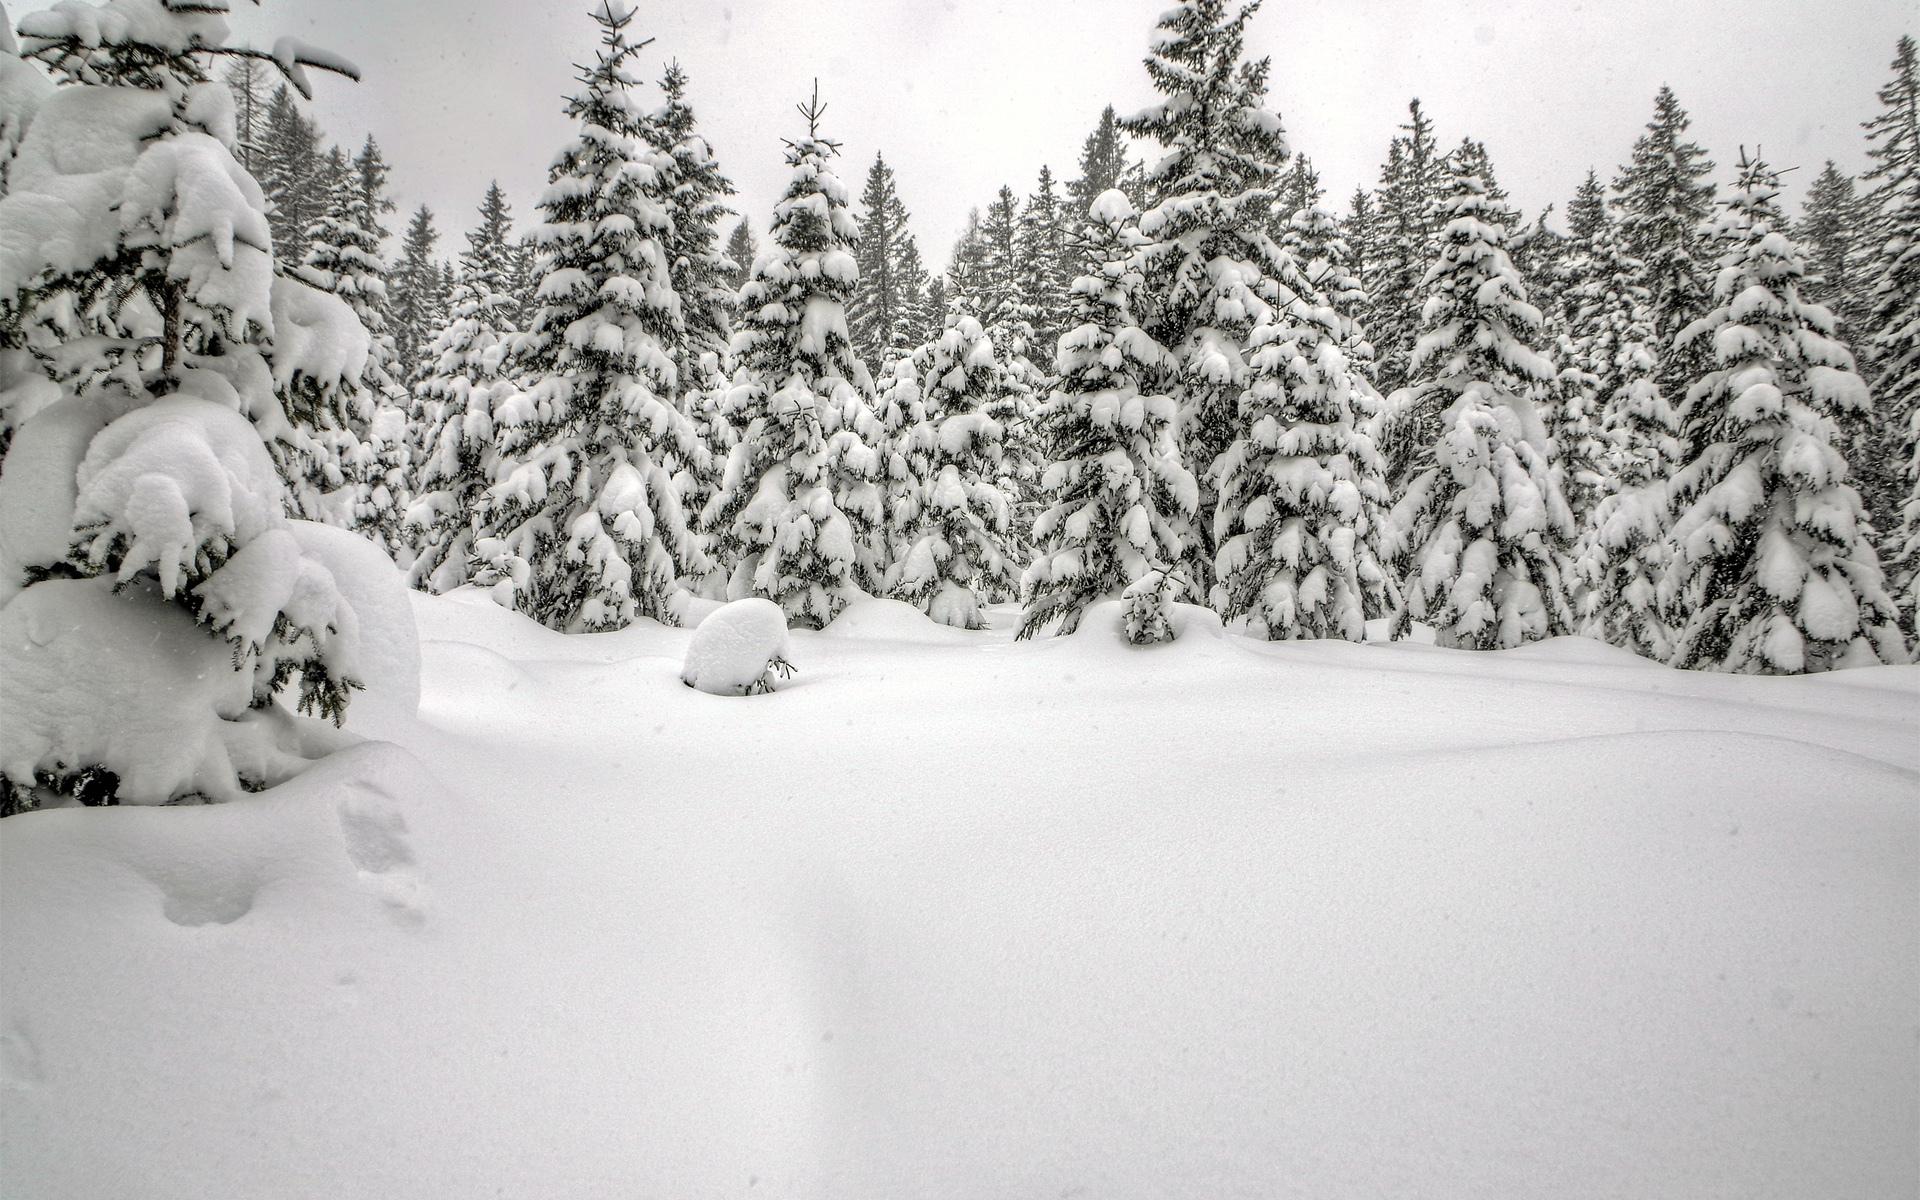 Зима фотографии обои для рабочего стола фото